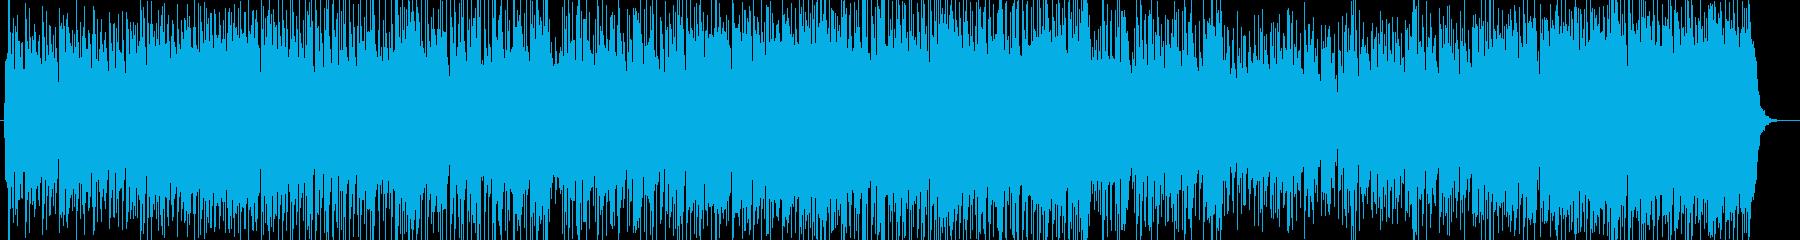 さわやかなメロディが印象的なポップスの再生済みの波形